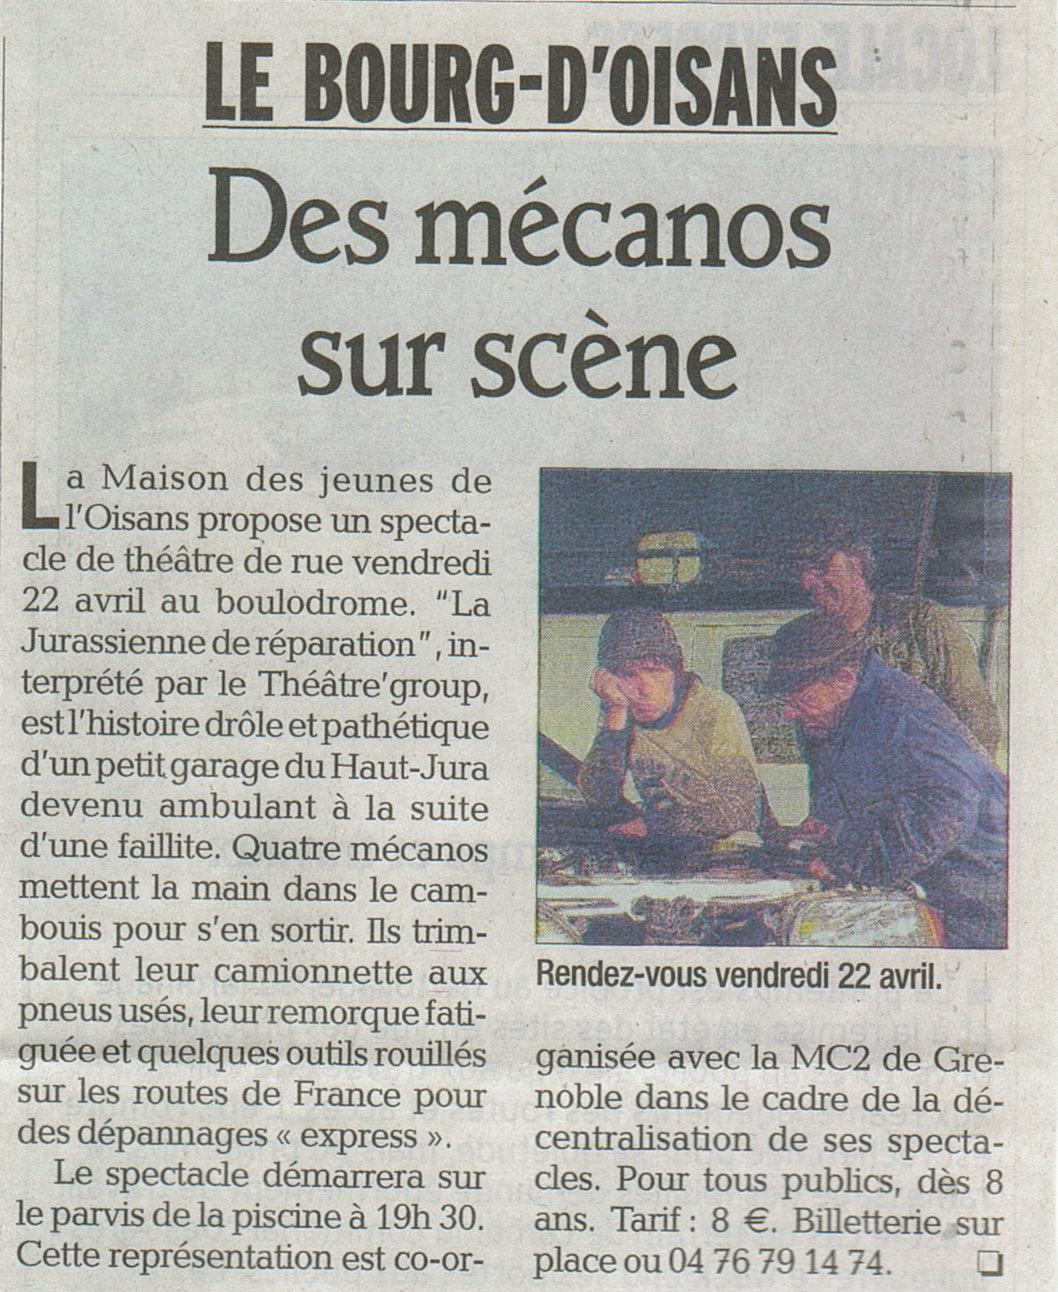 News de l 39 office de tourisme bourg d 39 oisans avril 2011 - Bourg d oisans office tourisme ...